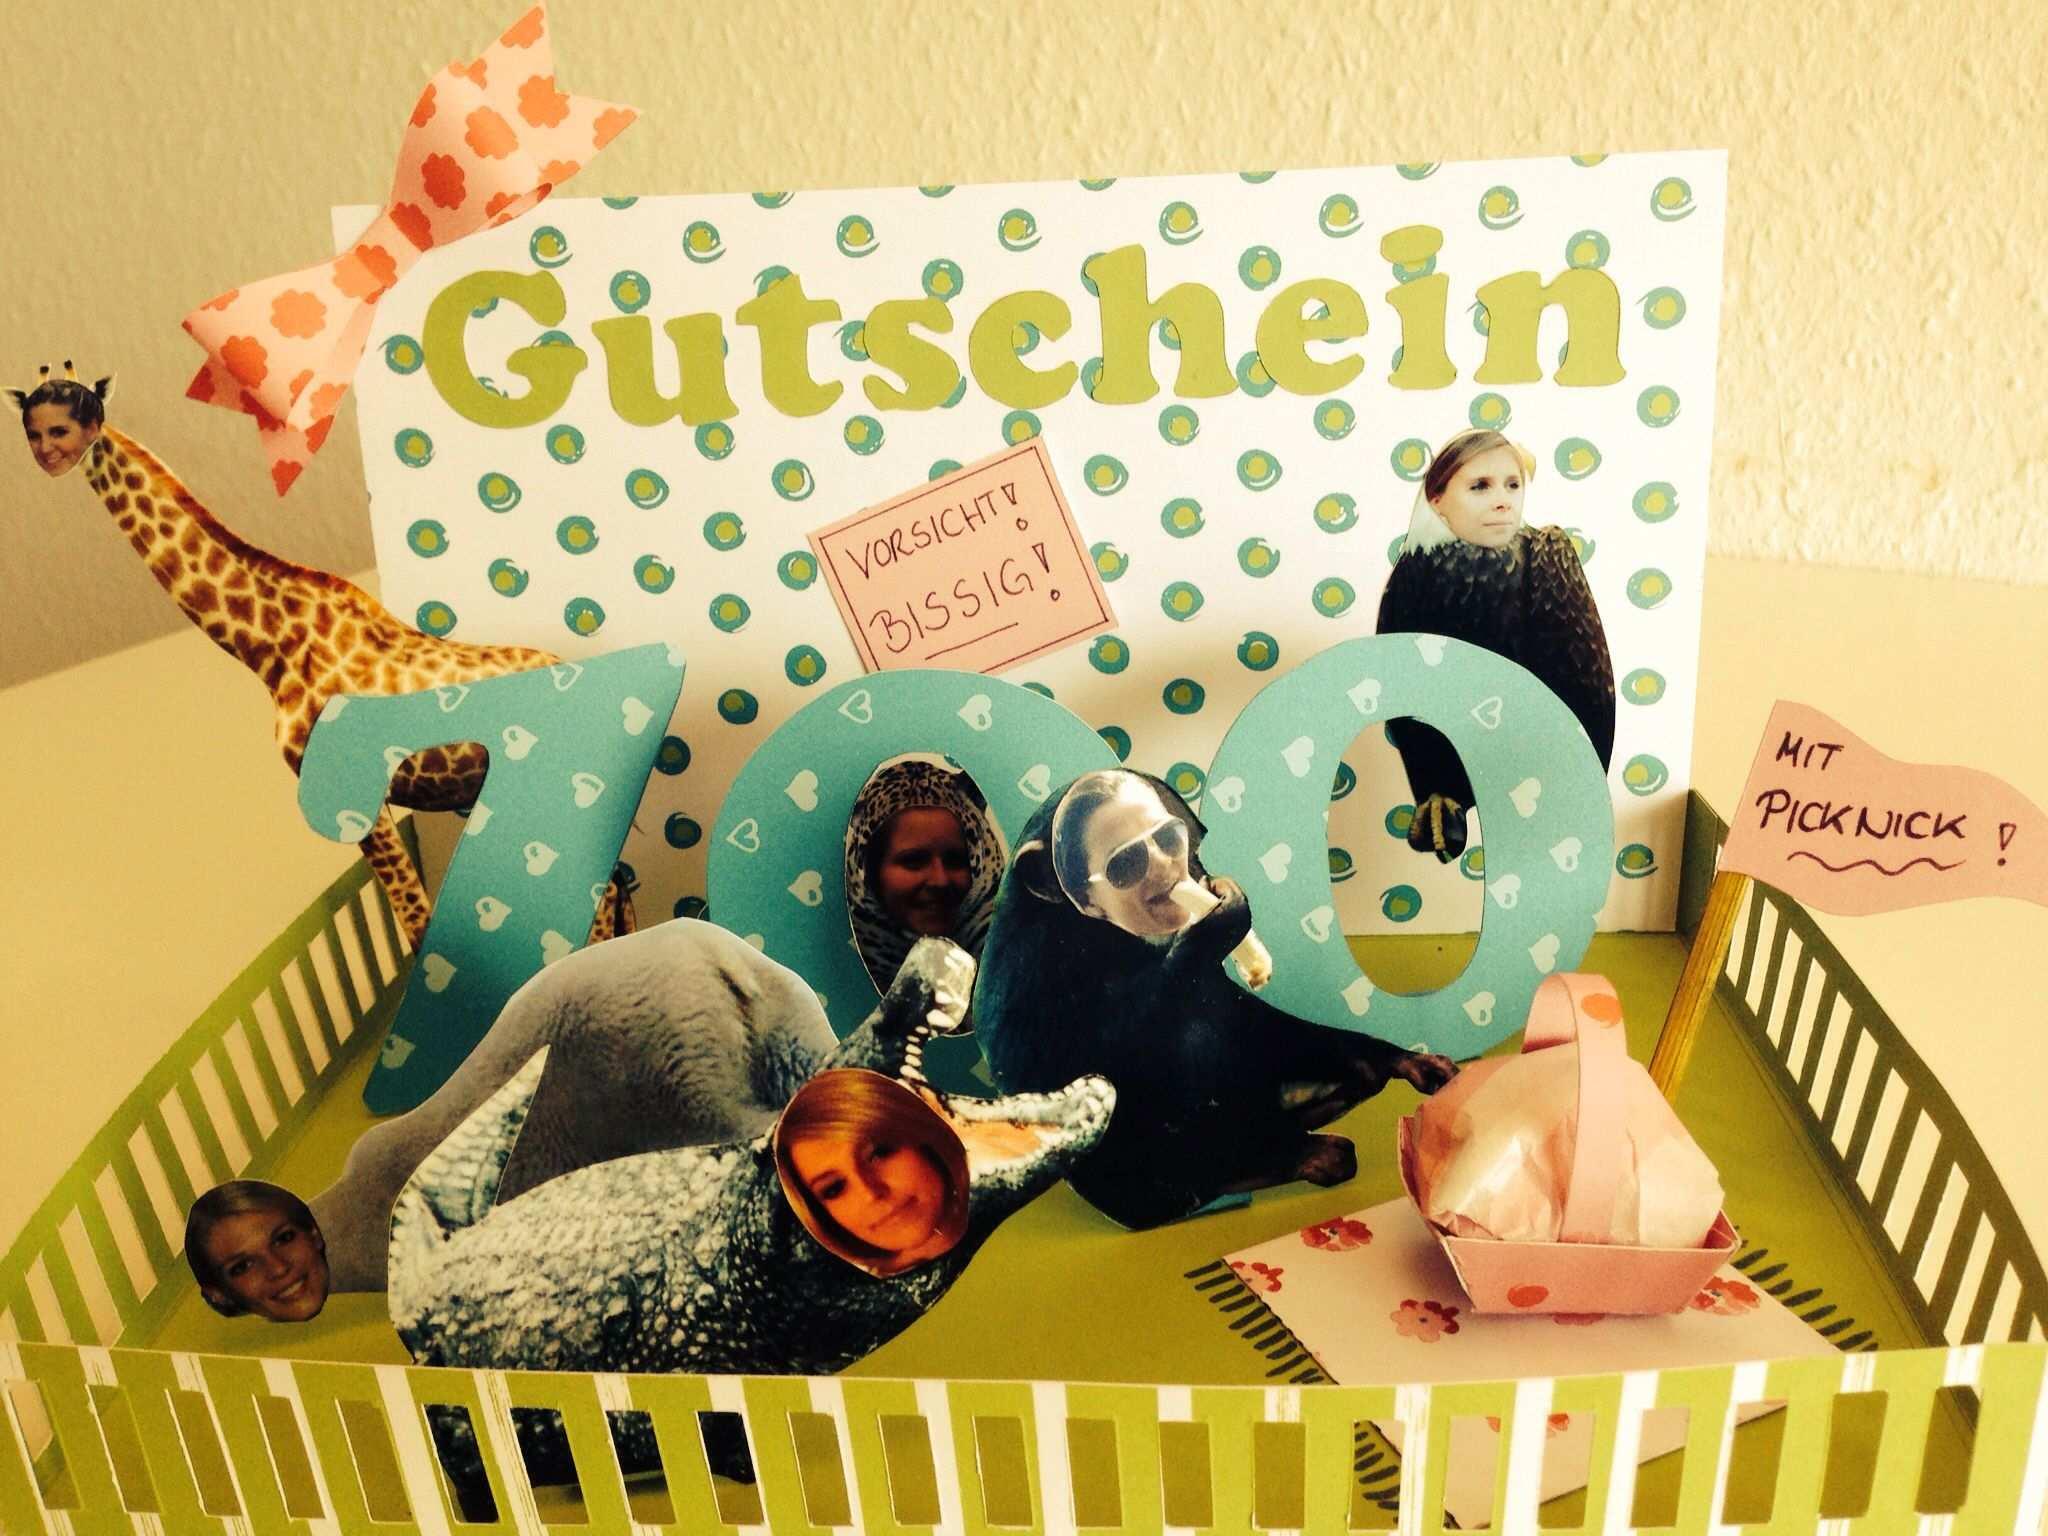 Zoo Gutschein In 3d Optik Gutschein Basteln Zoo Gutschein